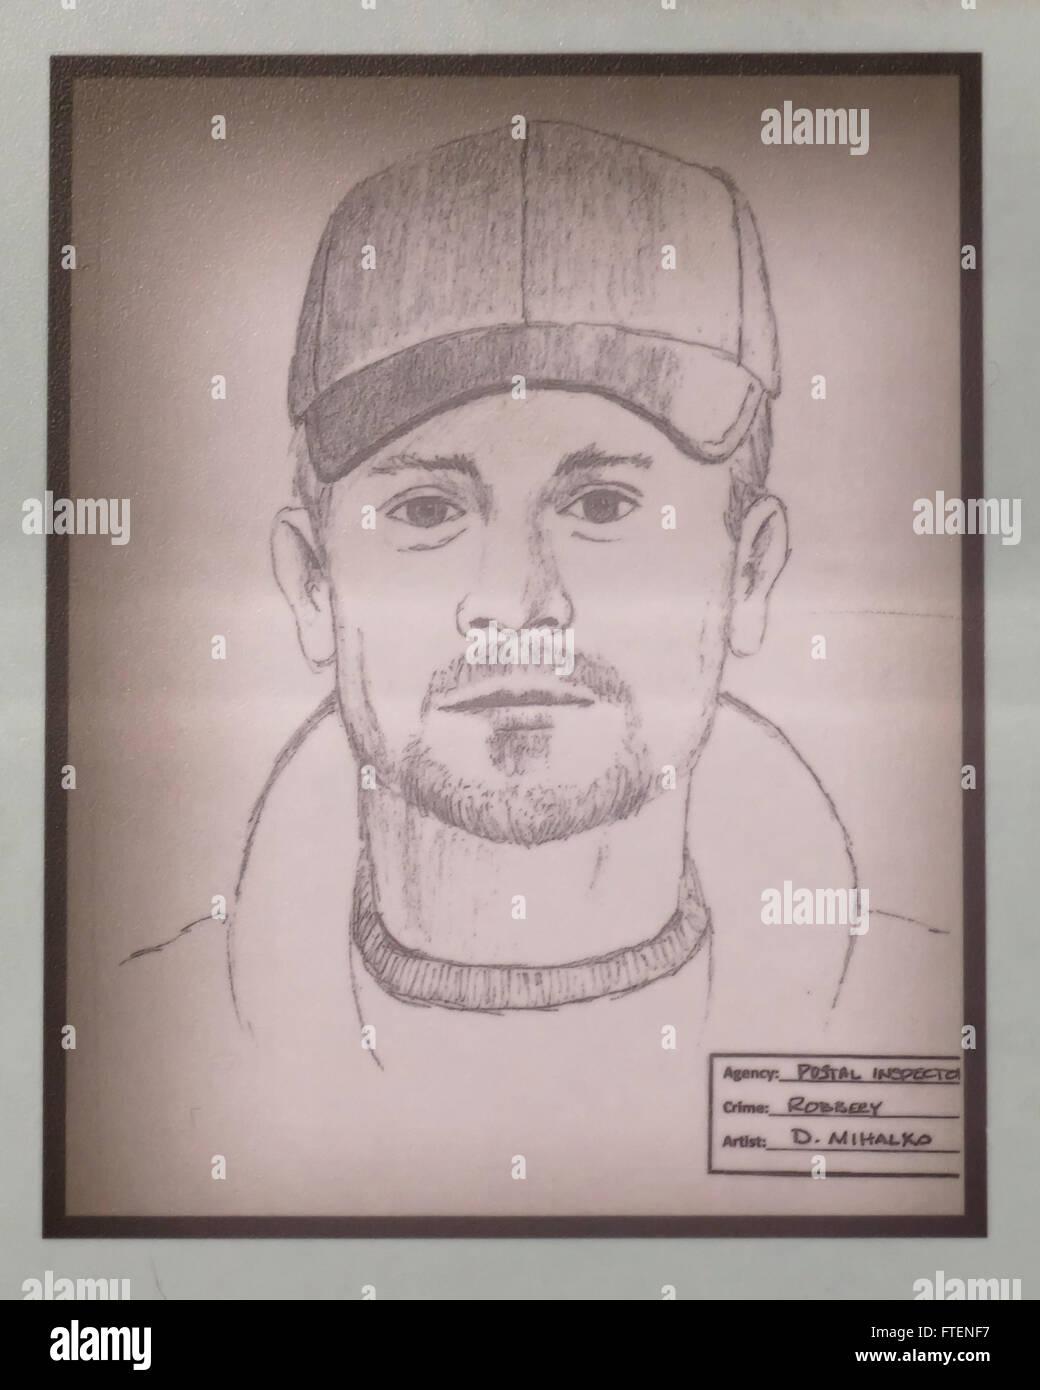 Facial composite sketch of suspect - USA - Stock Image